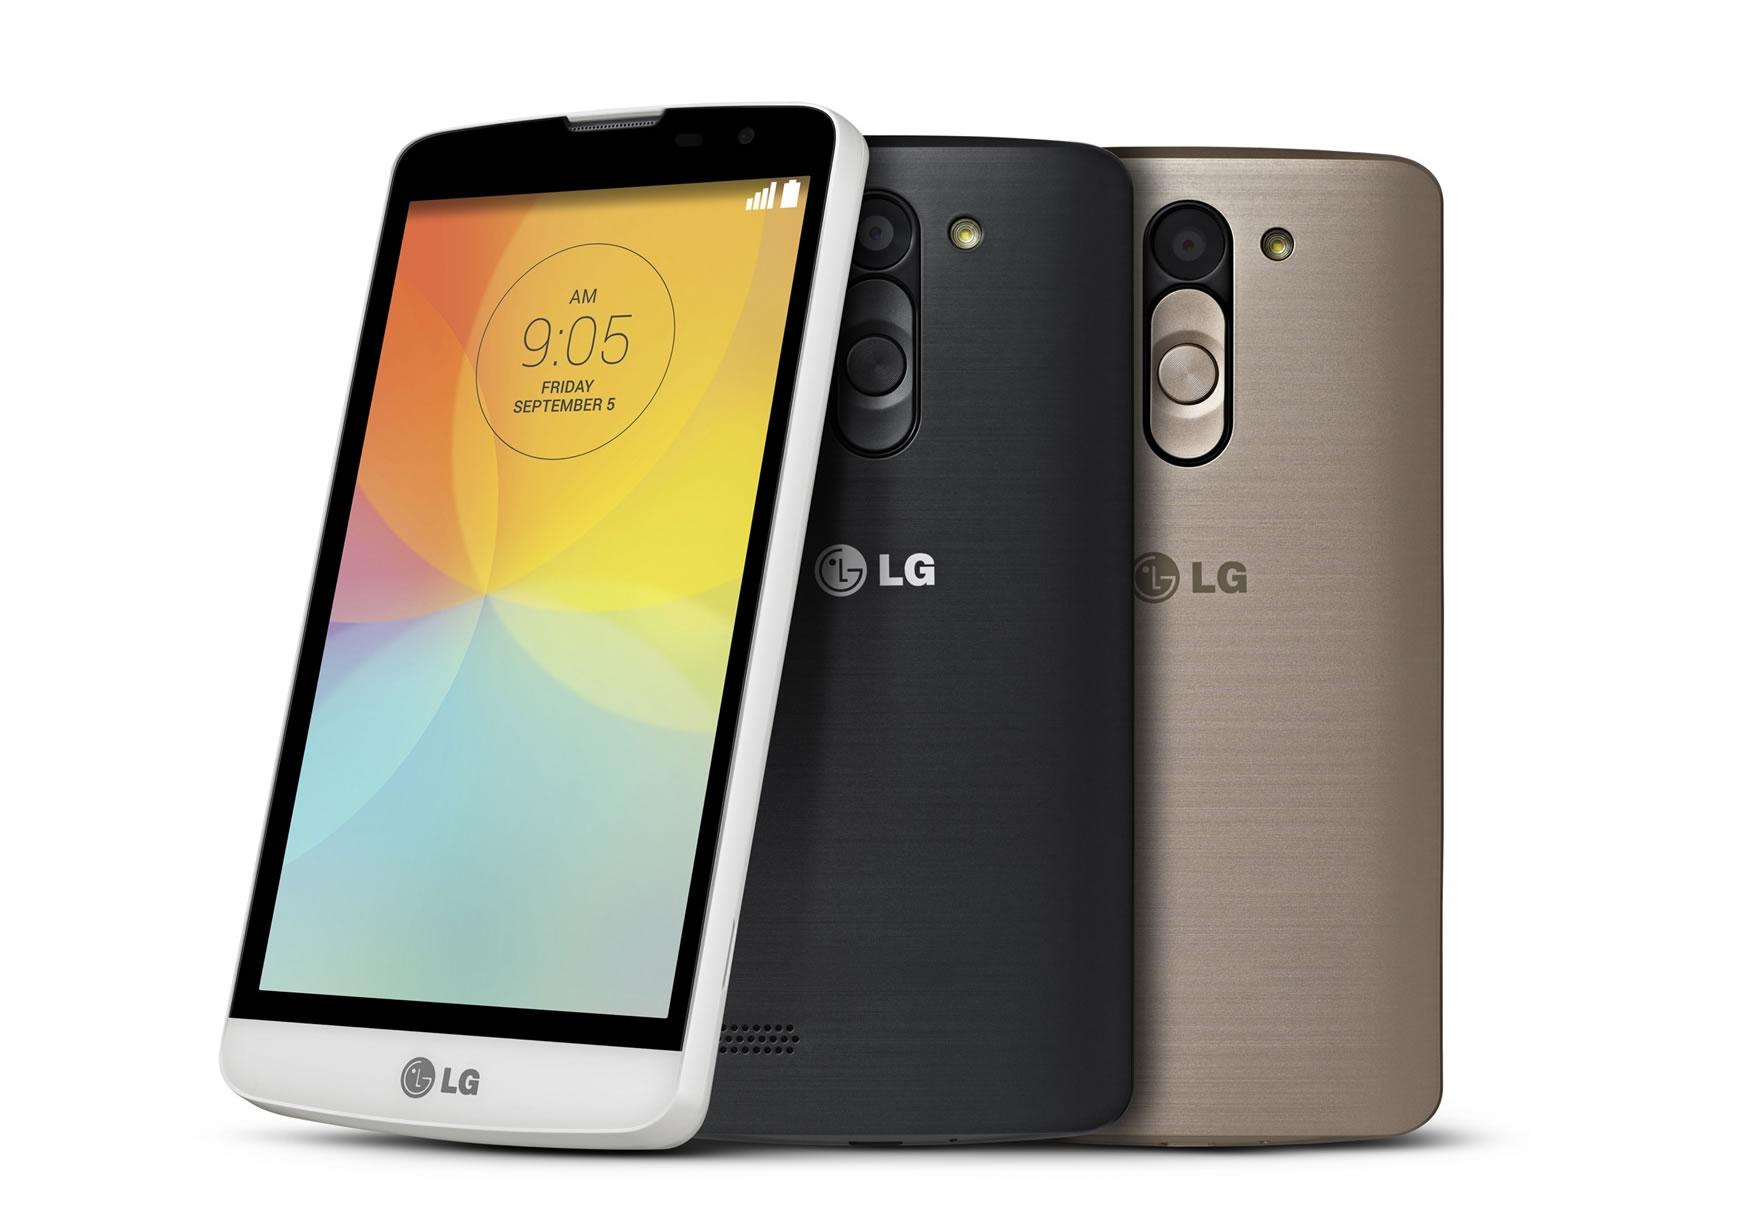 Motorola-Moto-E-vs-LG-L-Bello-specifiche-tecniche-e-prezzi-a-confronto-2